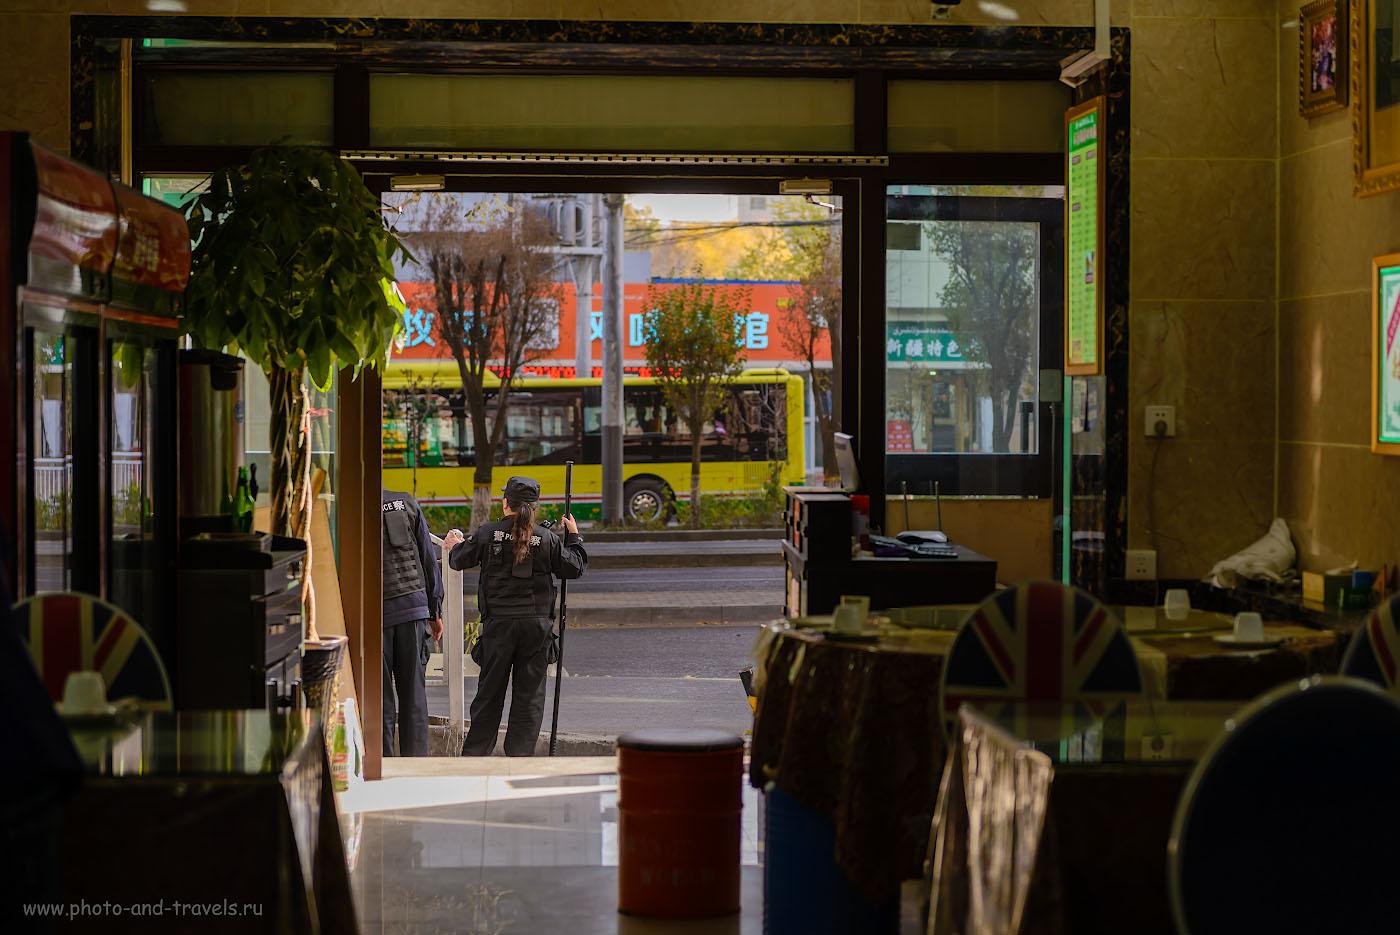 Фото 28. Женщина-полицейский с копьем-электрошокером. Снято из кафе в Урумчи. 1/160, 2.8, 125, 70.